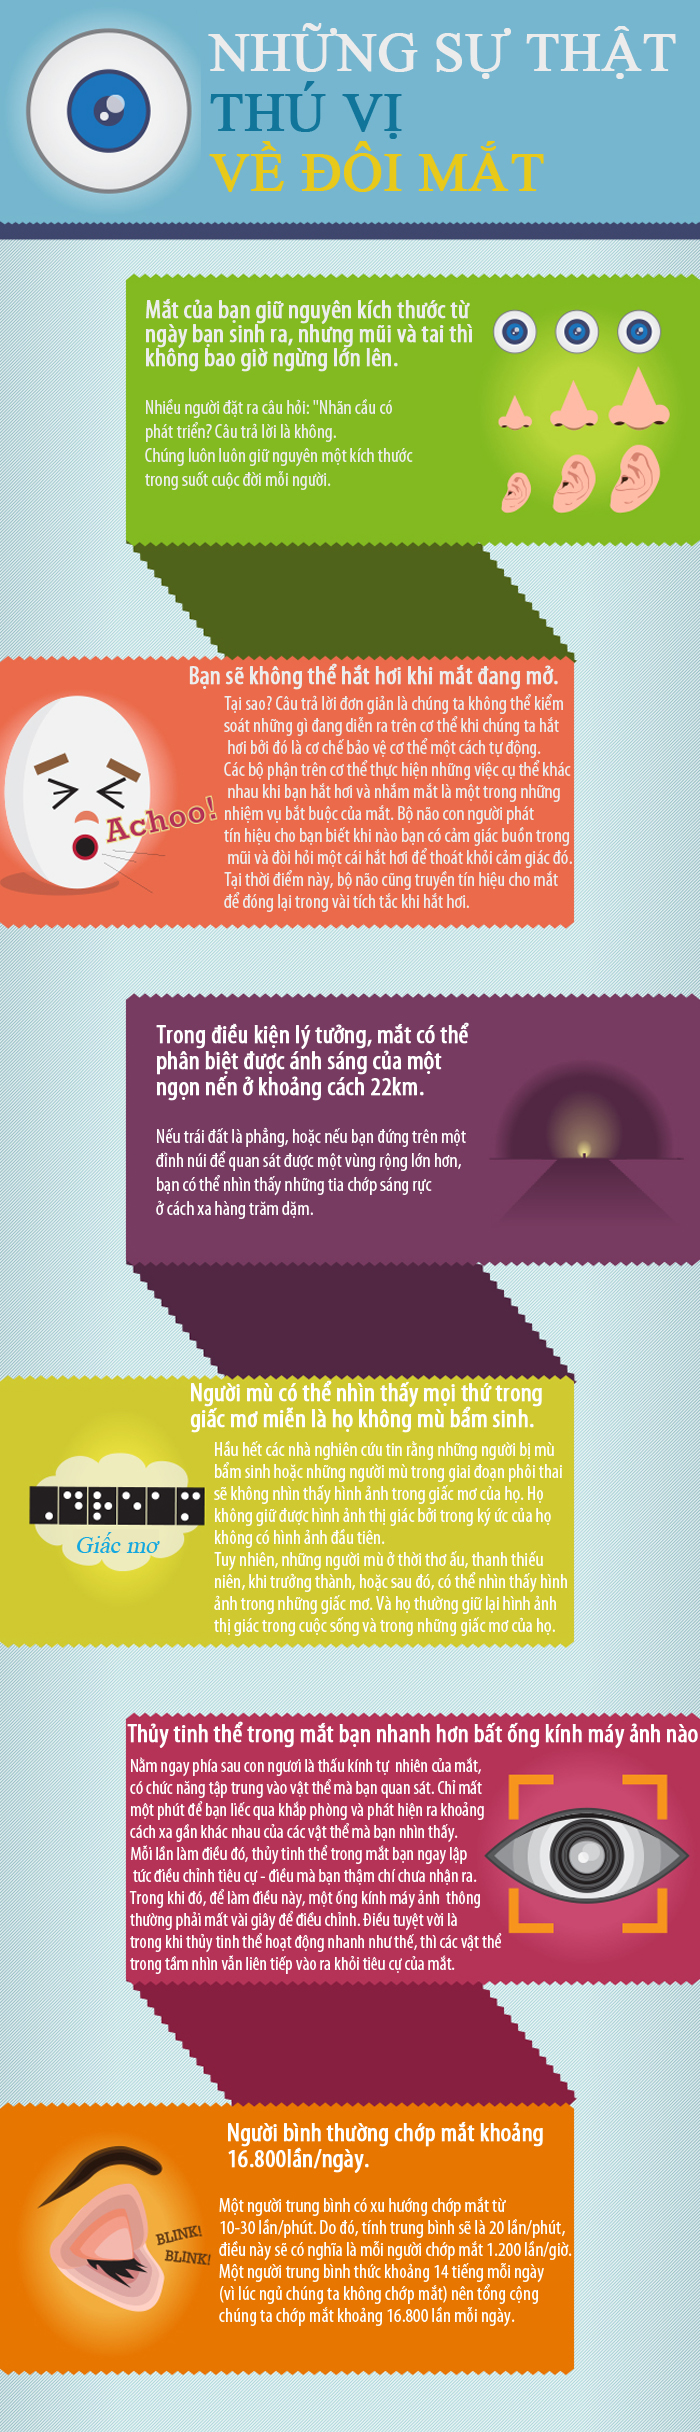 Những sự thật thú vị về mắt